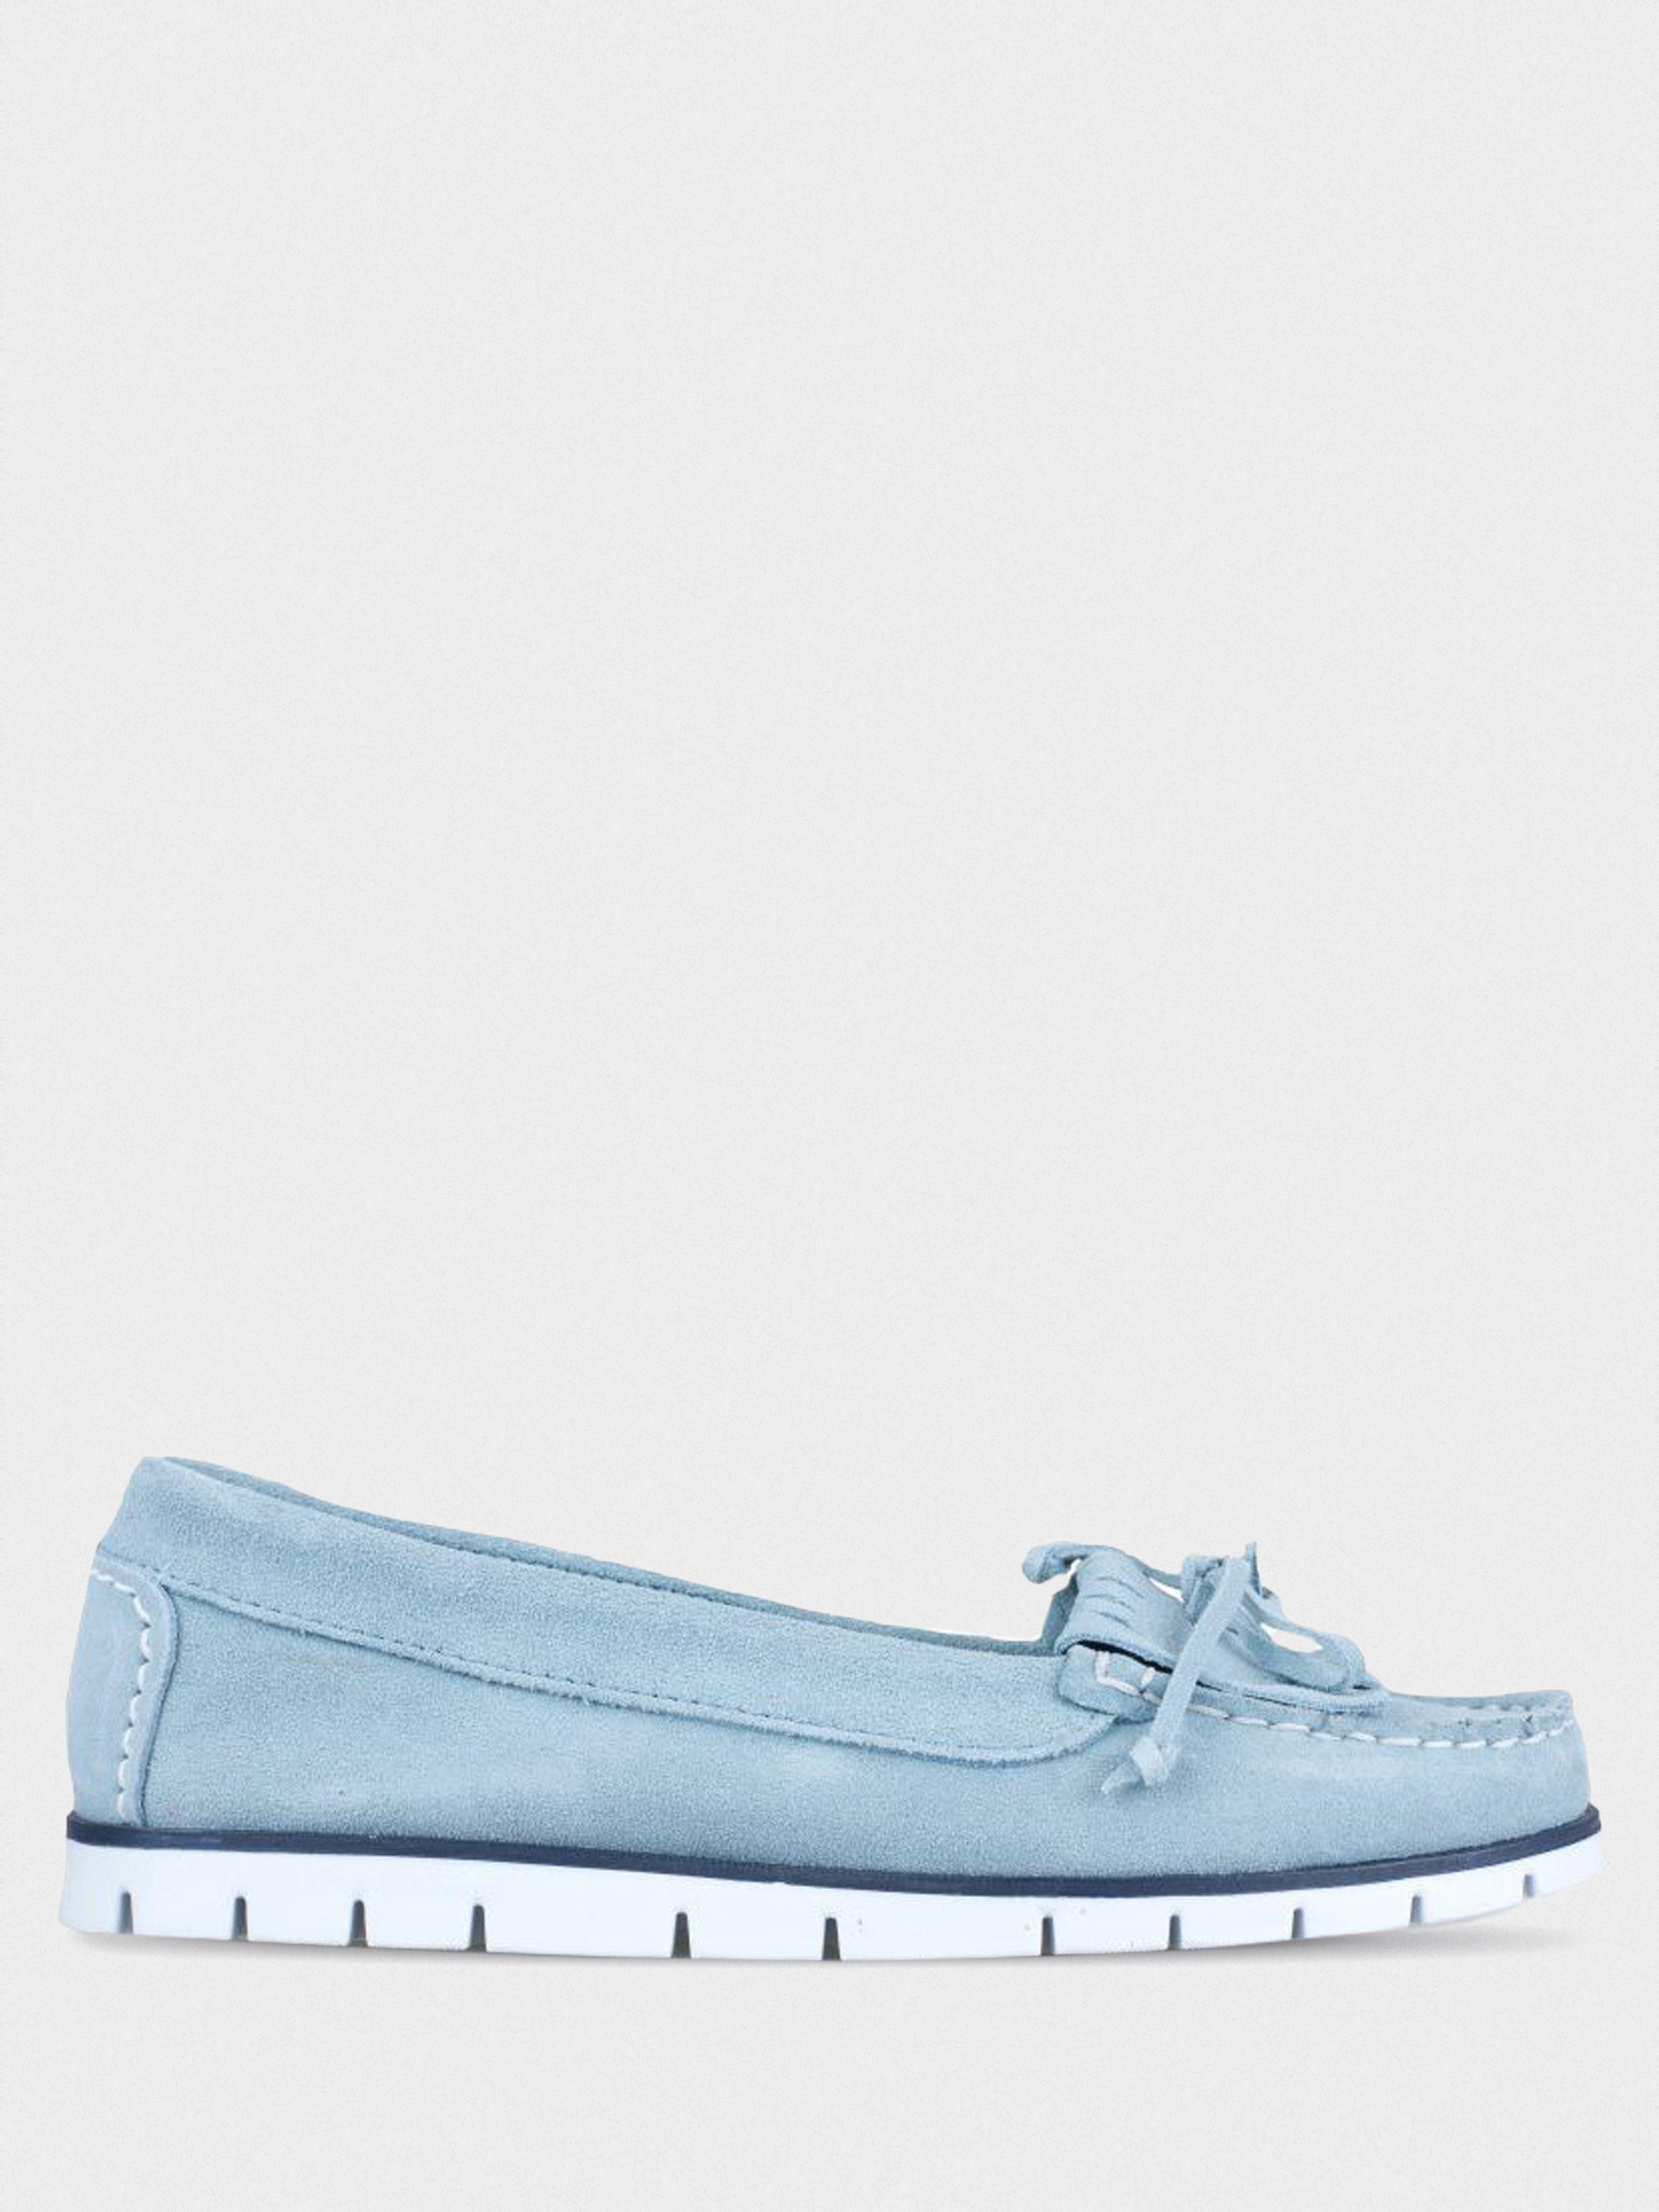 Мокасины женские Filipe Shoes модель UZ31 - купить по лучшей цене в ... 0b7547e994c20